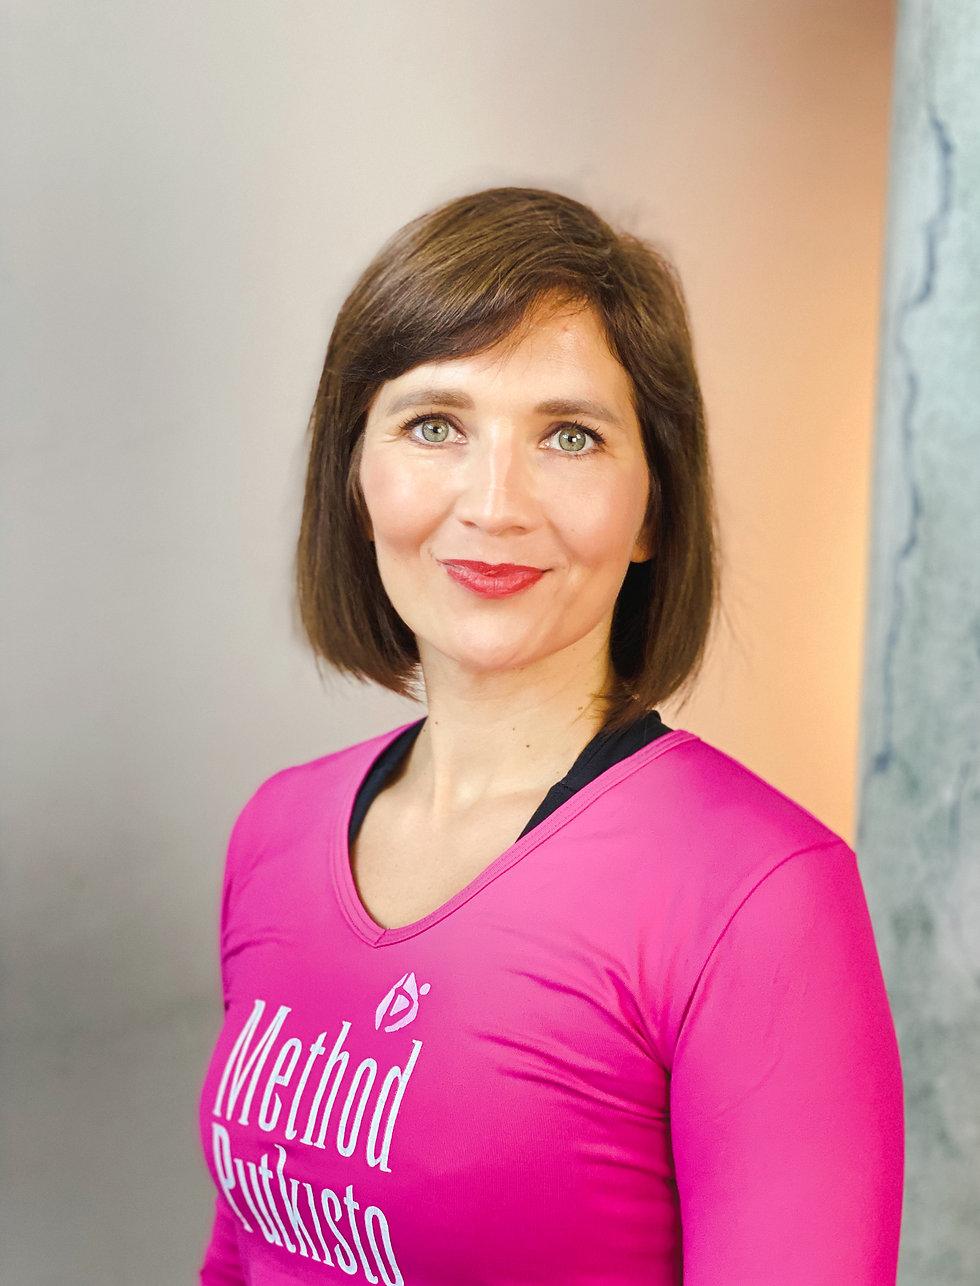 Johanna Österberg